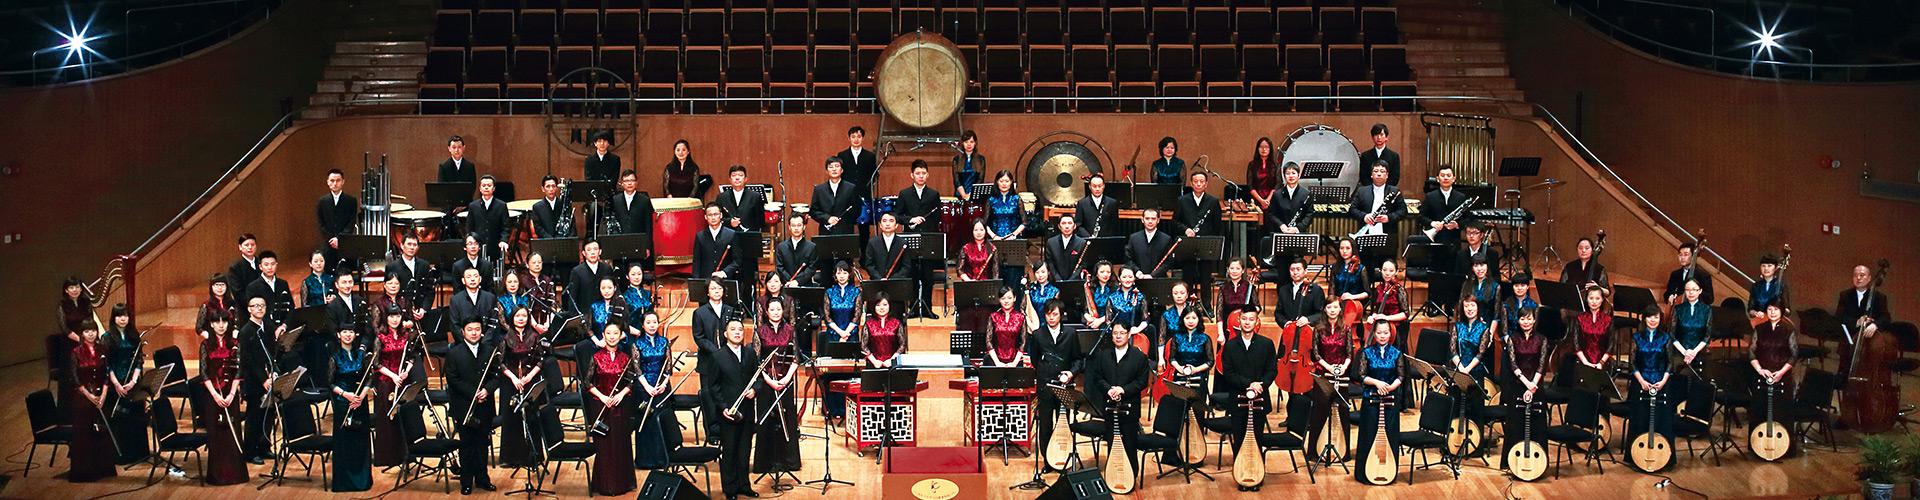 上海民族乐团 SHCO, China national instrumental music